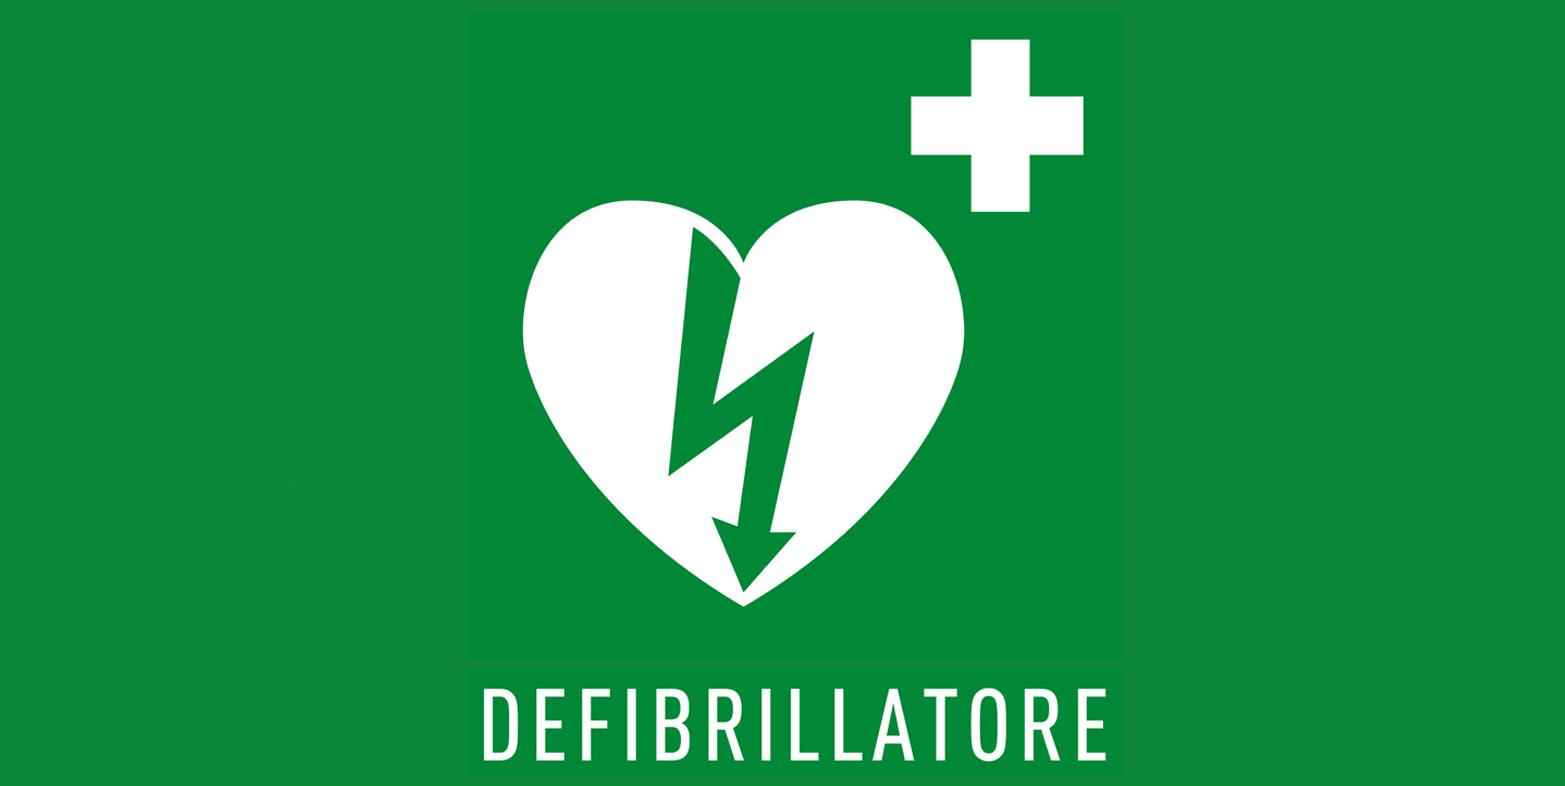 UNICORNO STYLE installa un Defibrillatore e partecipa al Corso BLSD presso il Centro d' Incontro MASCAGNI